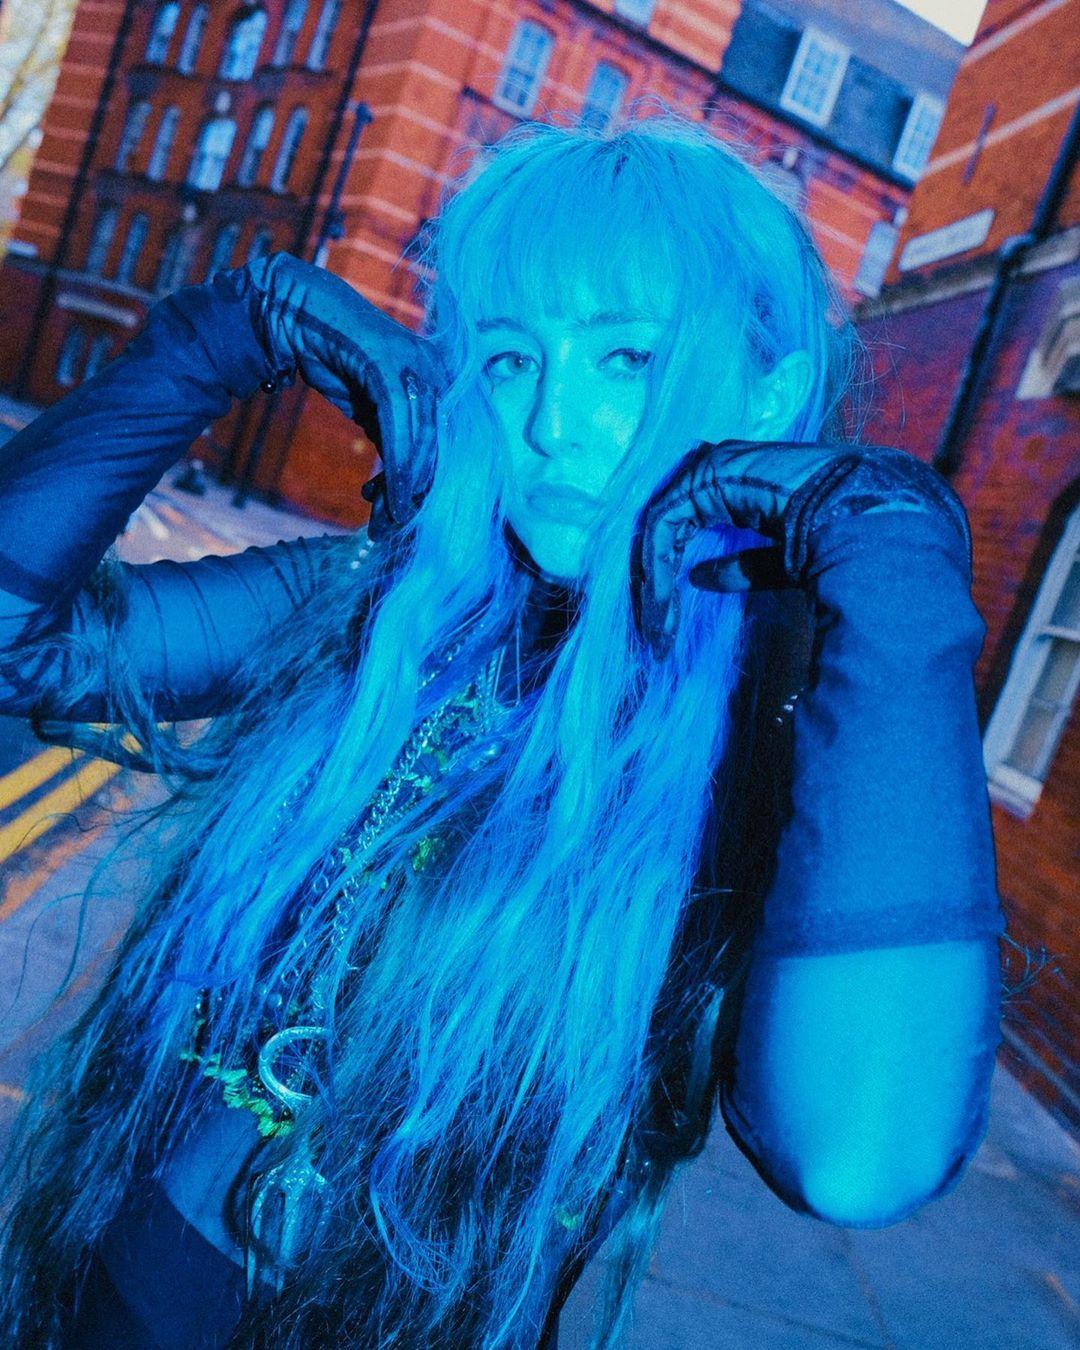 Pin by Angel Draak on Ashnikko Aesthetic people, Blue